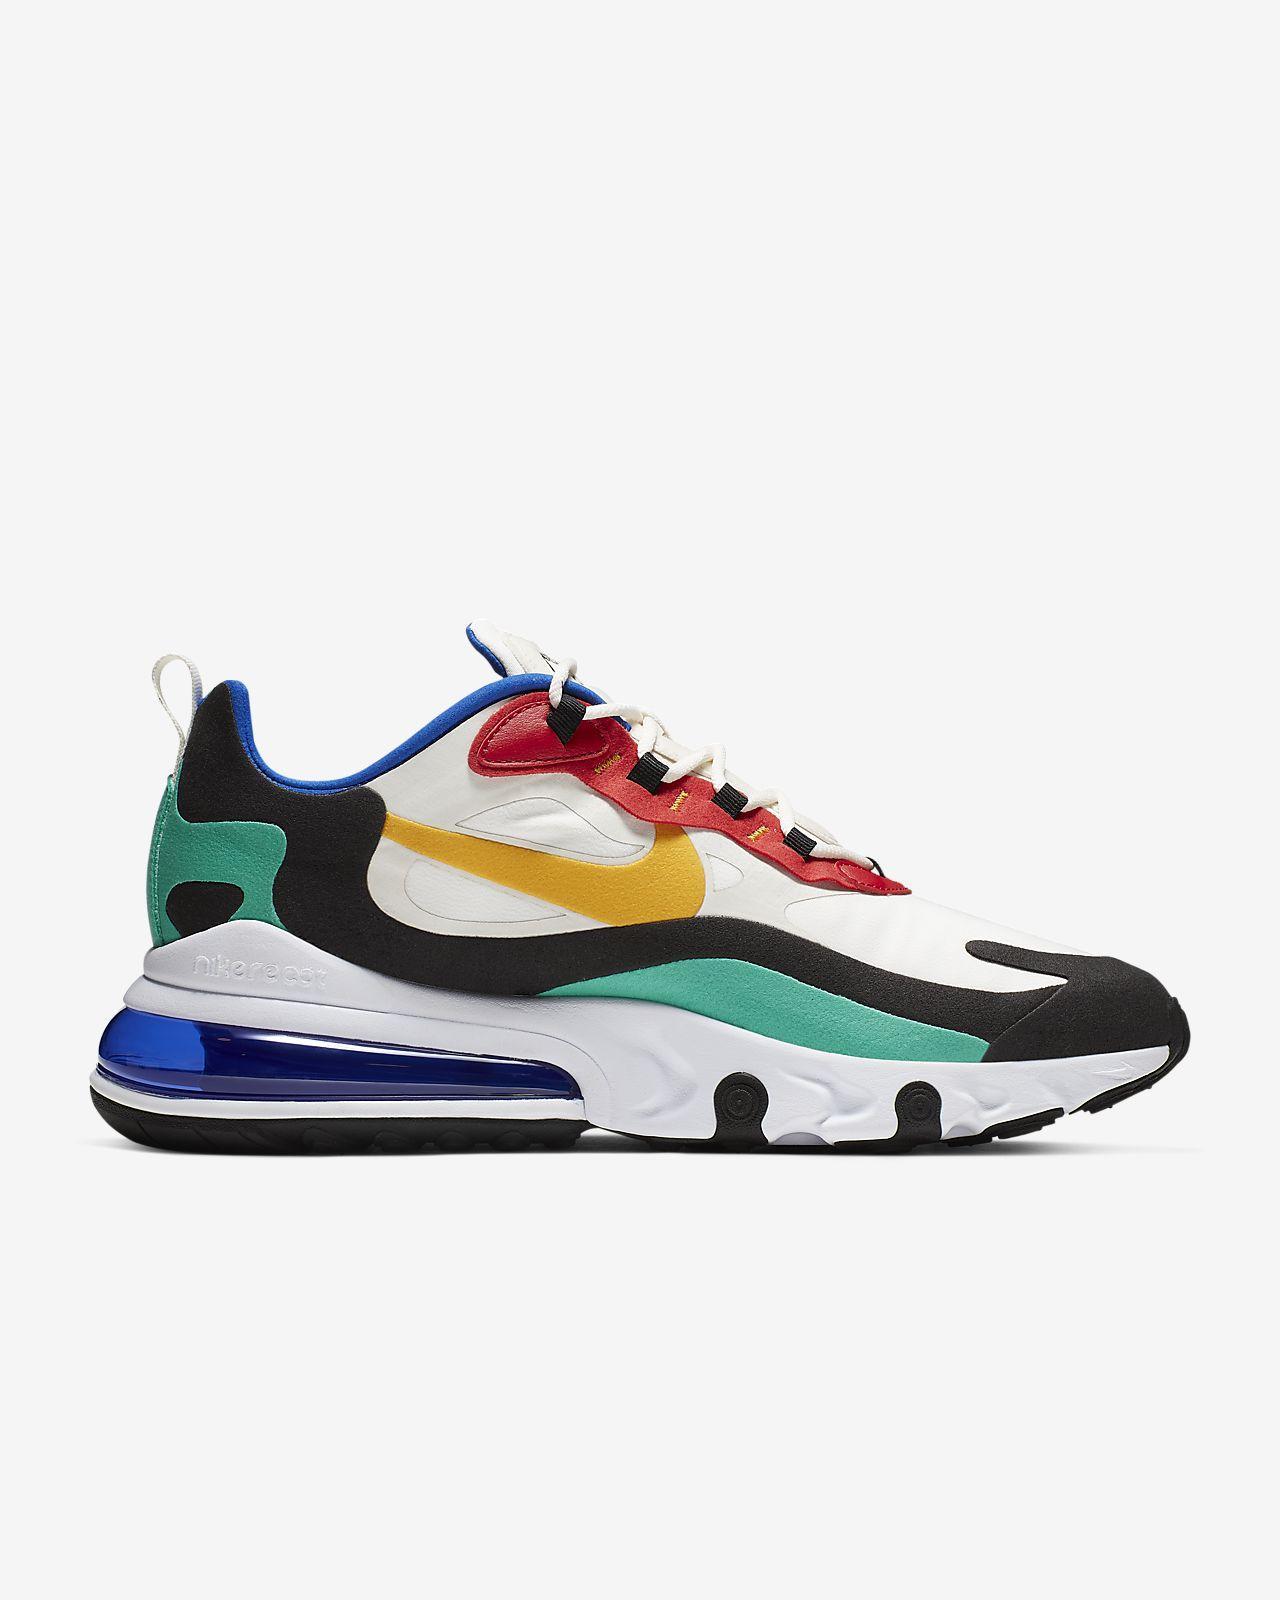 San Francisco fcd10 2865d Chaussure Nike Air Max 270 React Bauhaus pour Homme